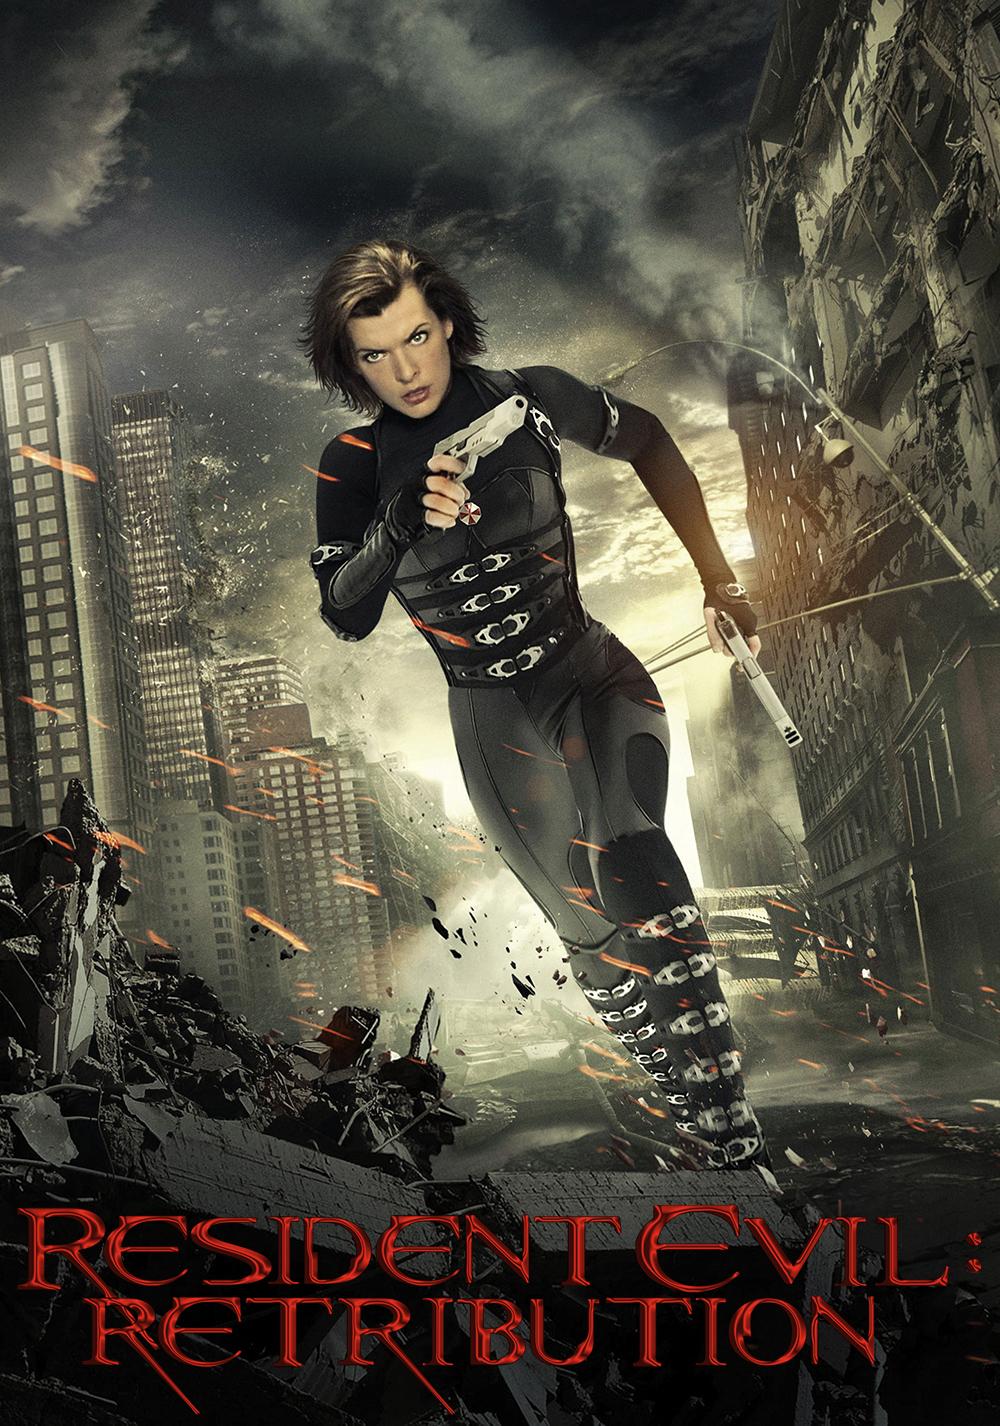 Resident Evil: Retribution | Movie fanart | fanart.tv